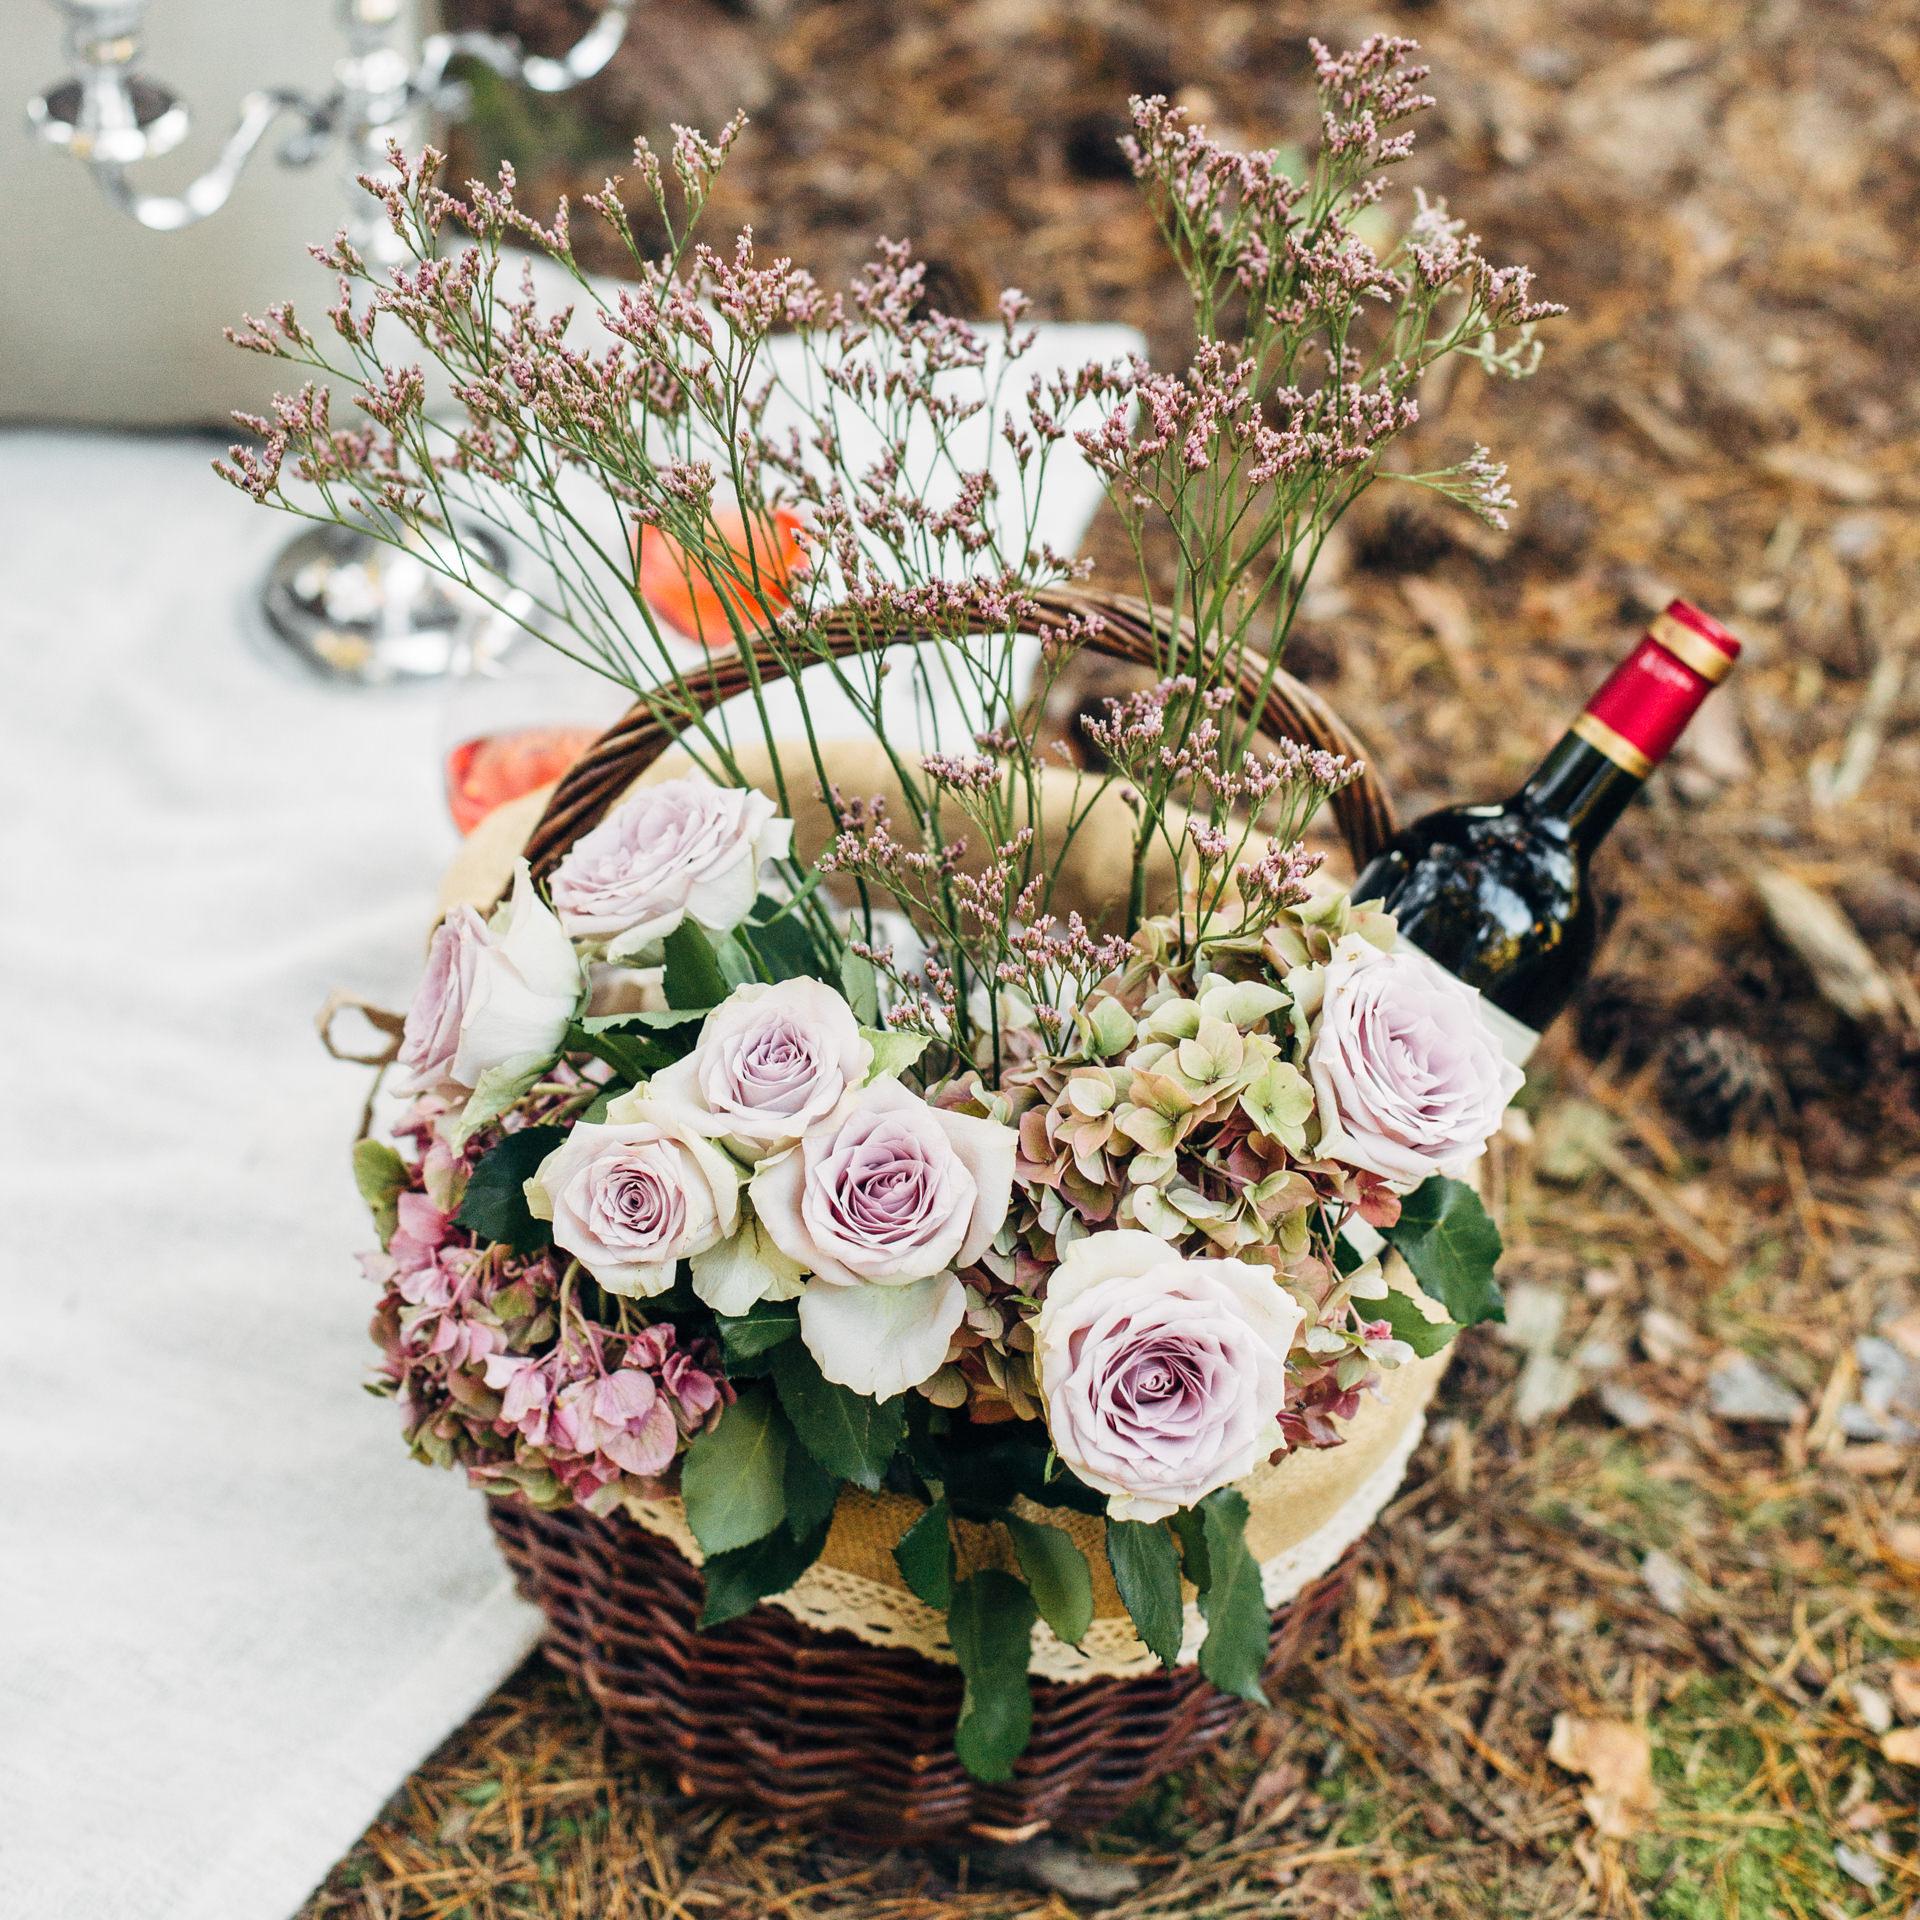 Picknickkorb mit Wein und Blumen